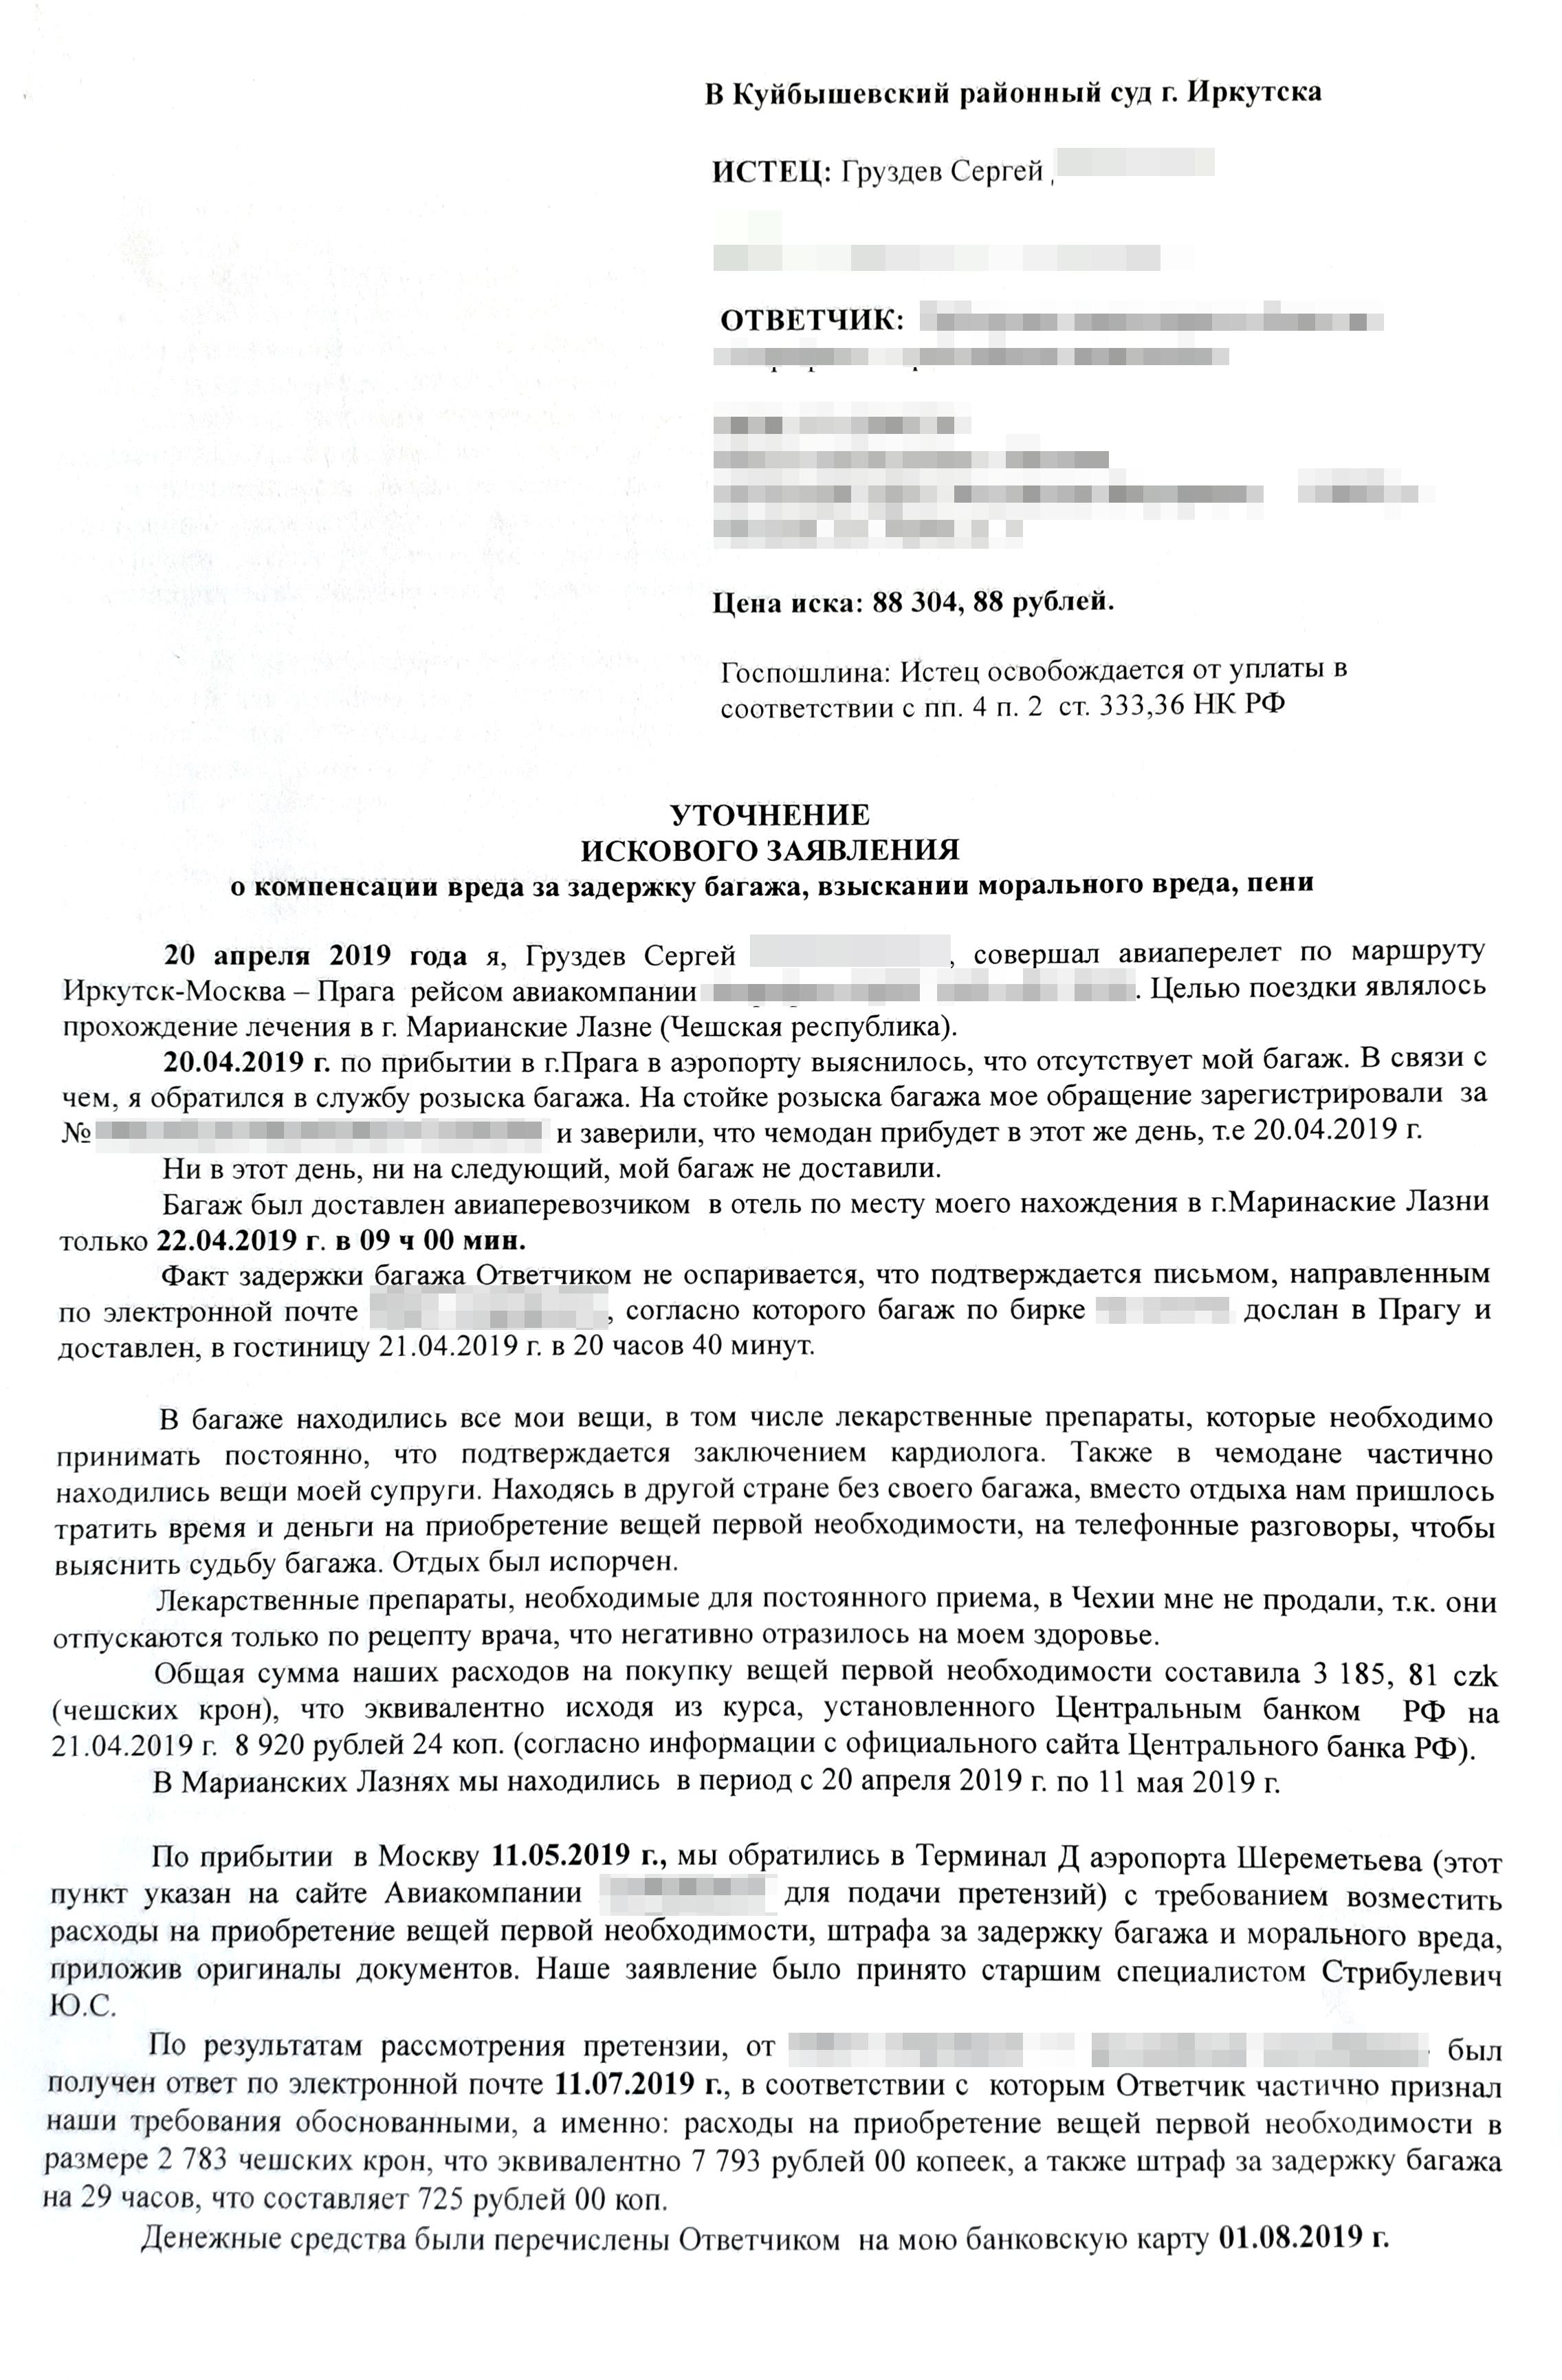 Уточненный иск Сергея с итоговыми требованиями к авиакомпании — именно на них ориентировался суд в своем решении